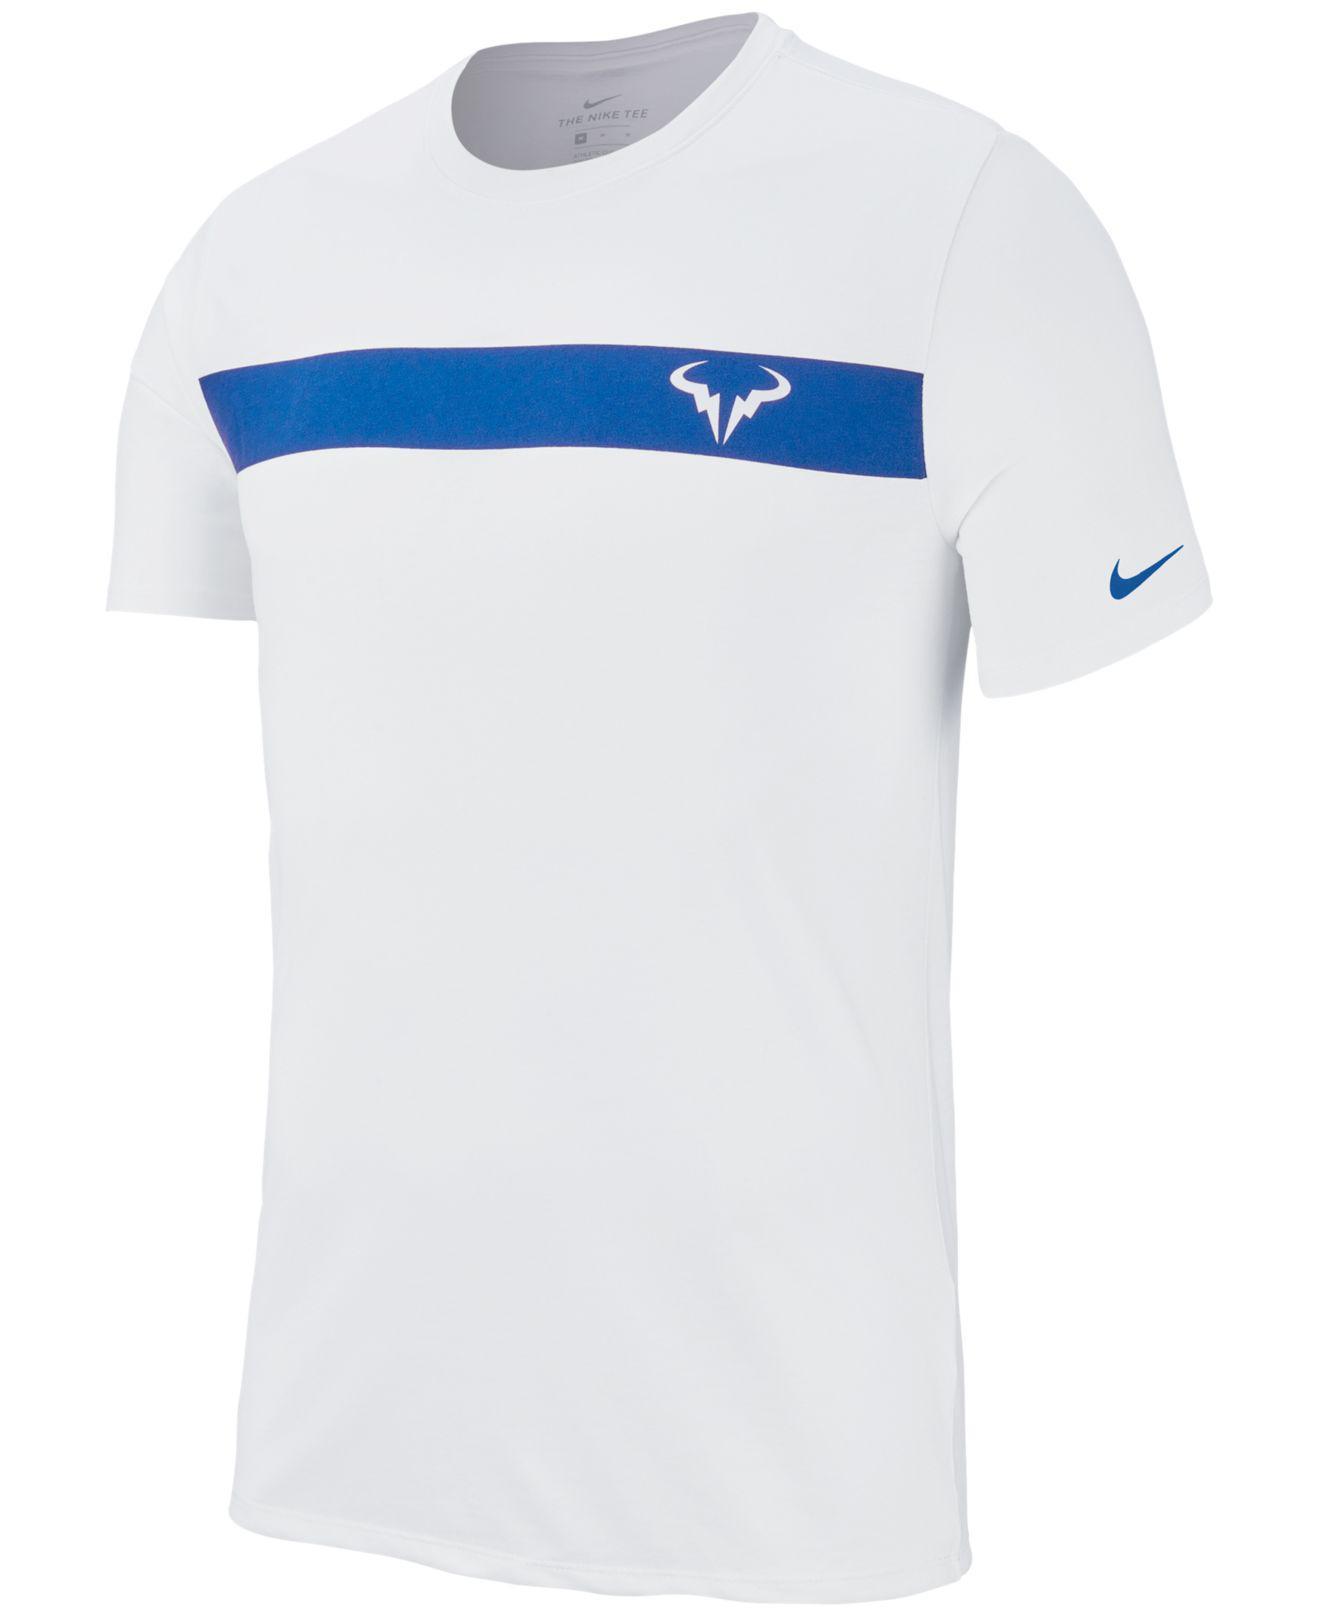 495c6ad1 Lyst - Nike Court Dry Rafa-logo T-shirt in White for Men